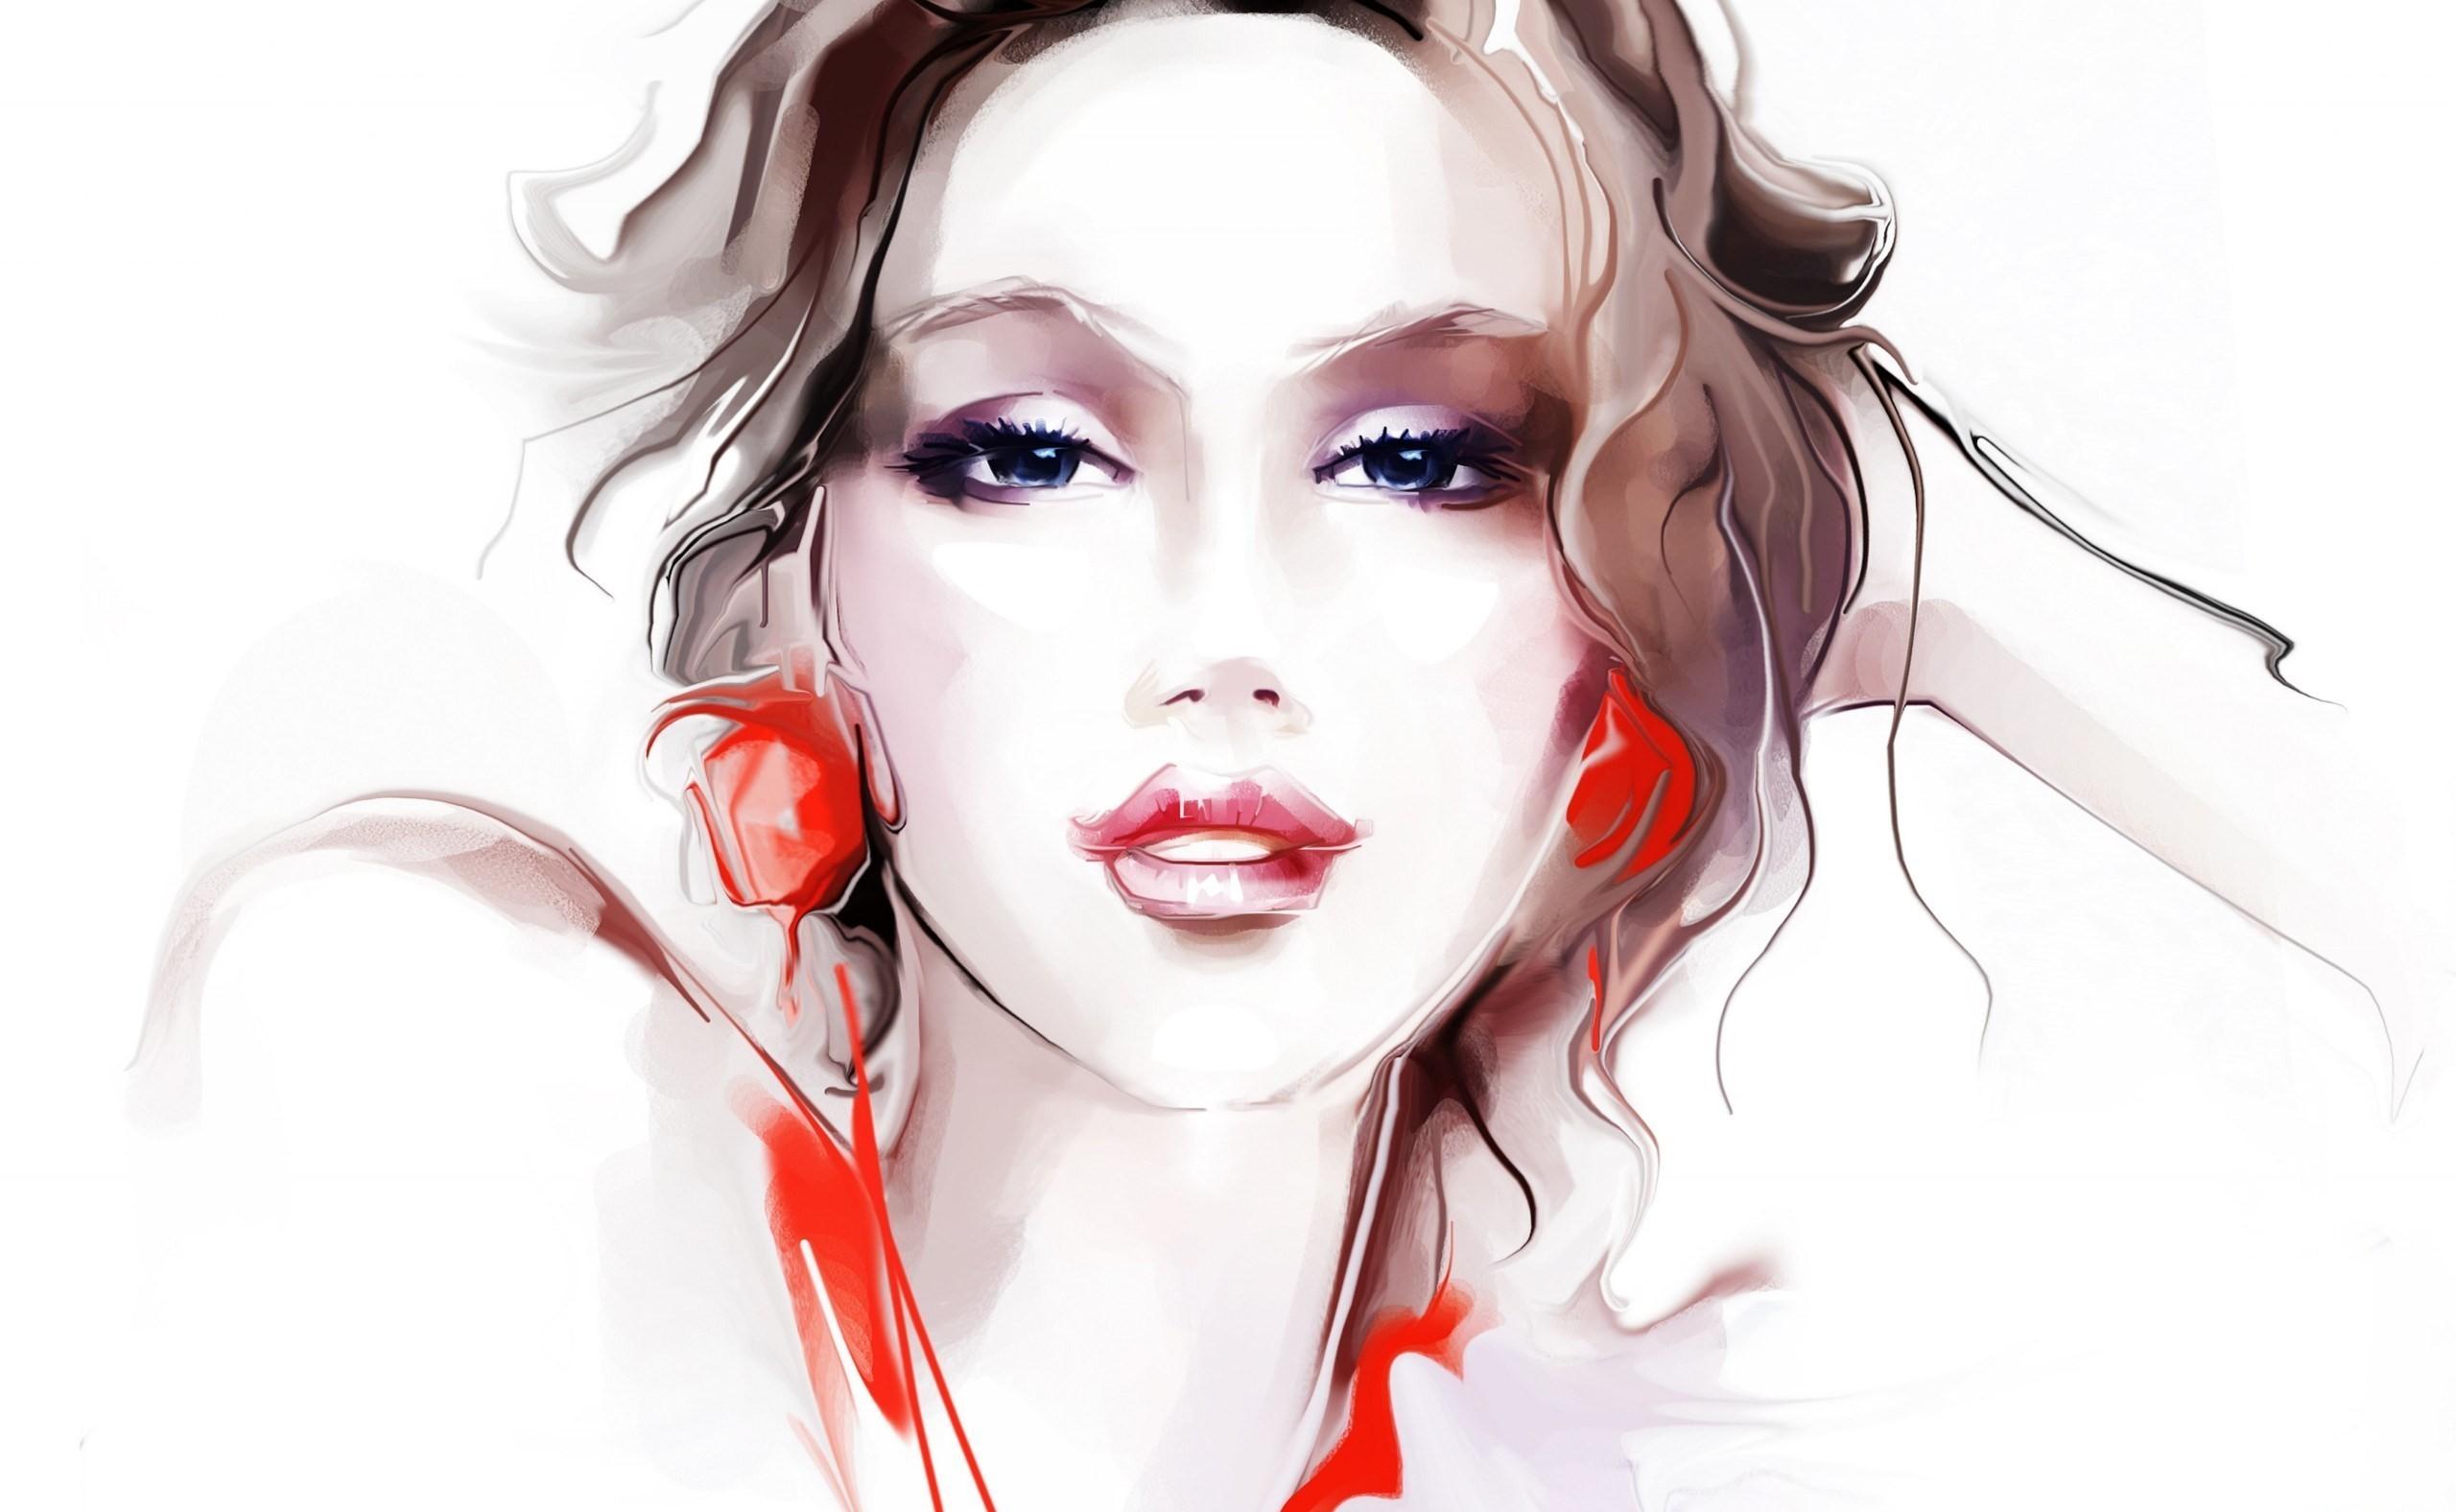 Fond D Ecran Visage Illustration Femmes Ouvrages D Art Dessin